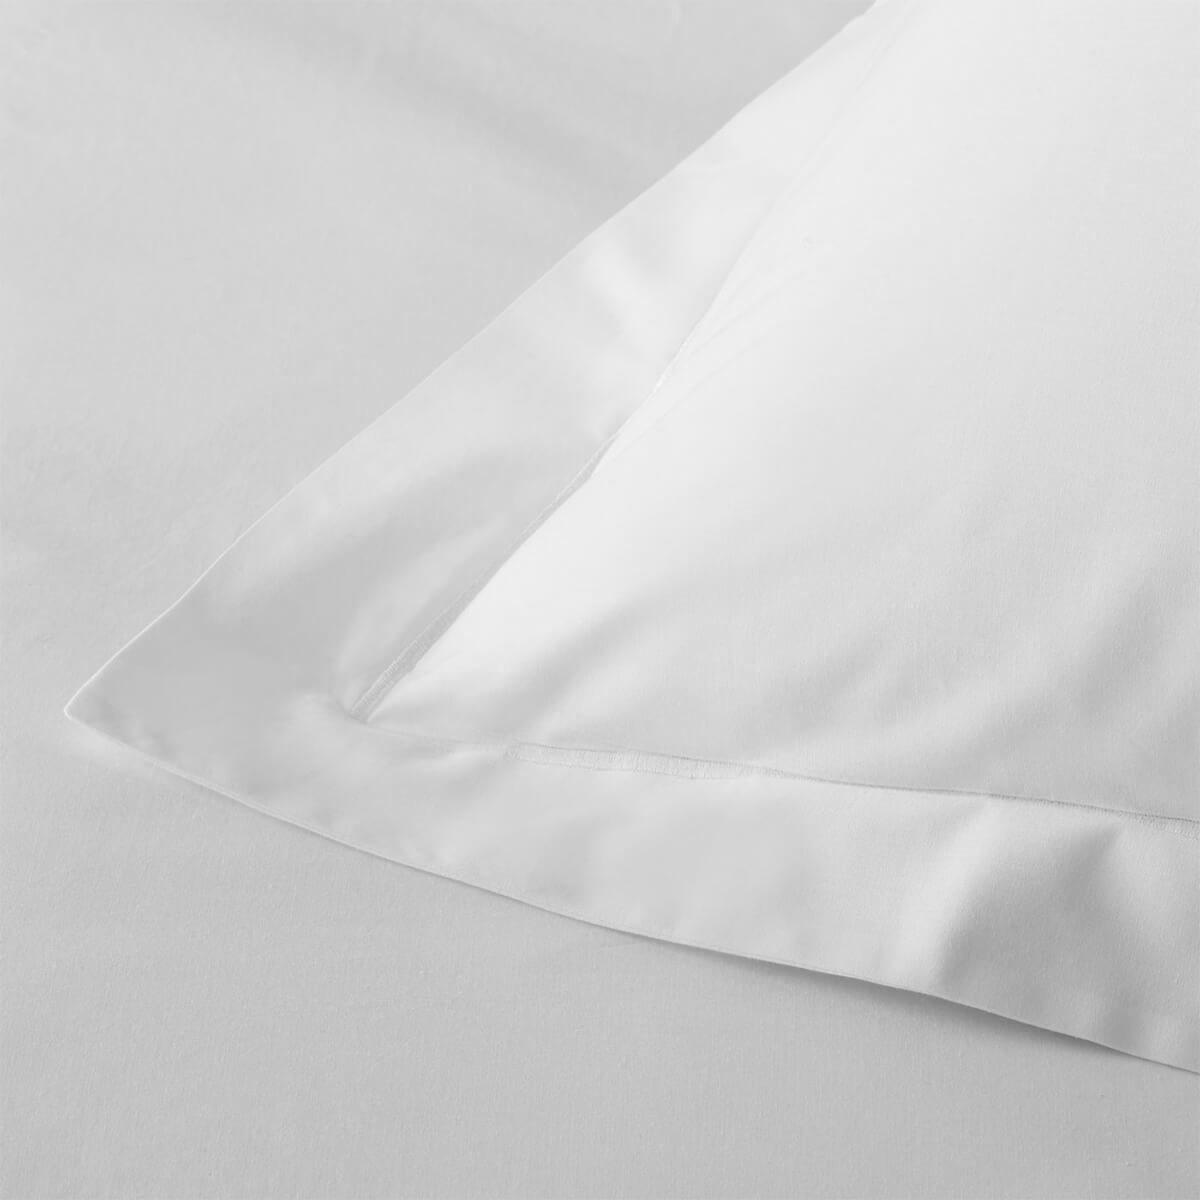 White 200TC Cotton Percale Standard Oxford Pillowcase Pair